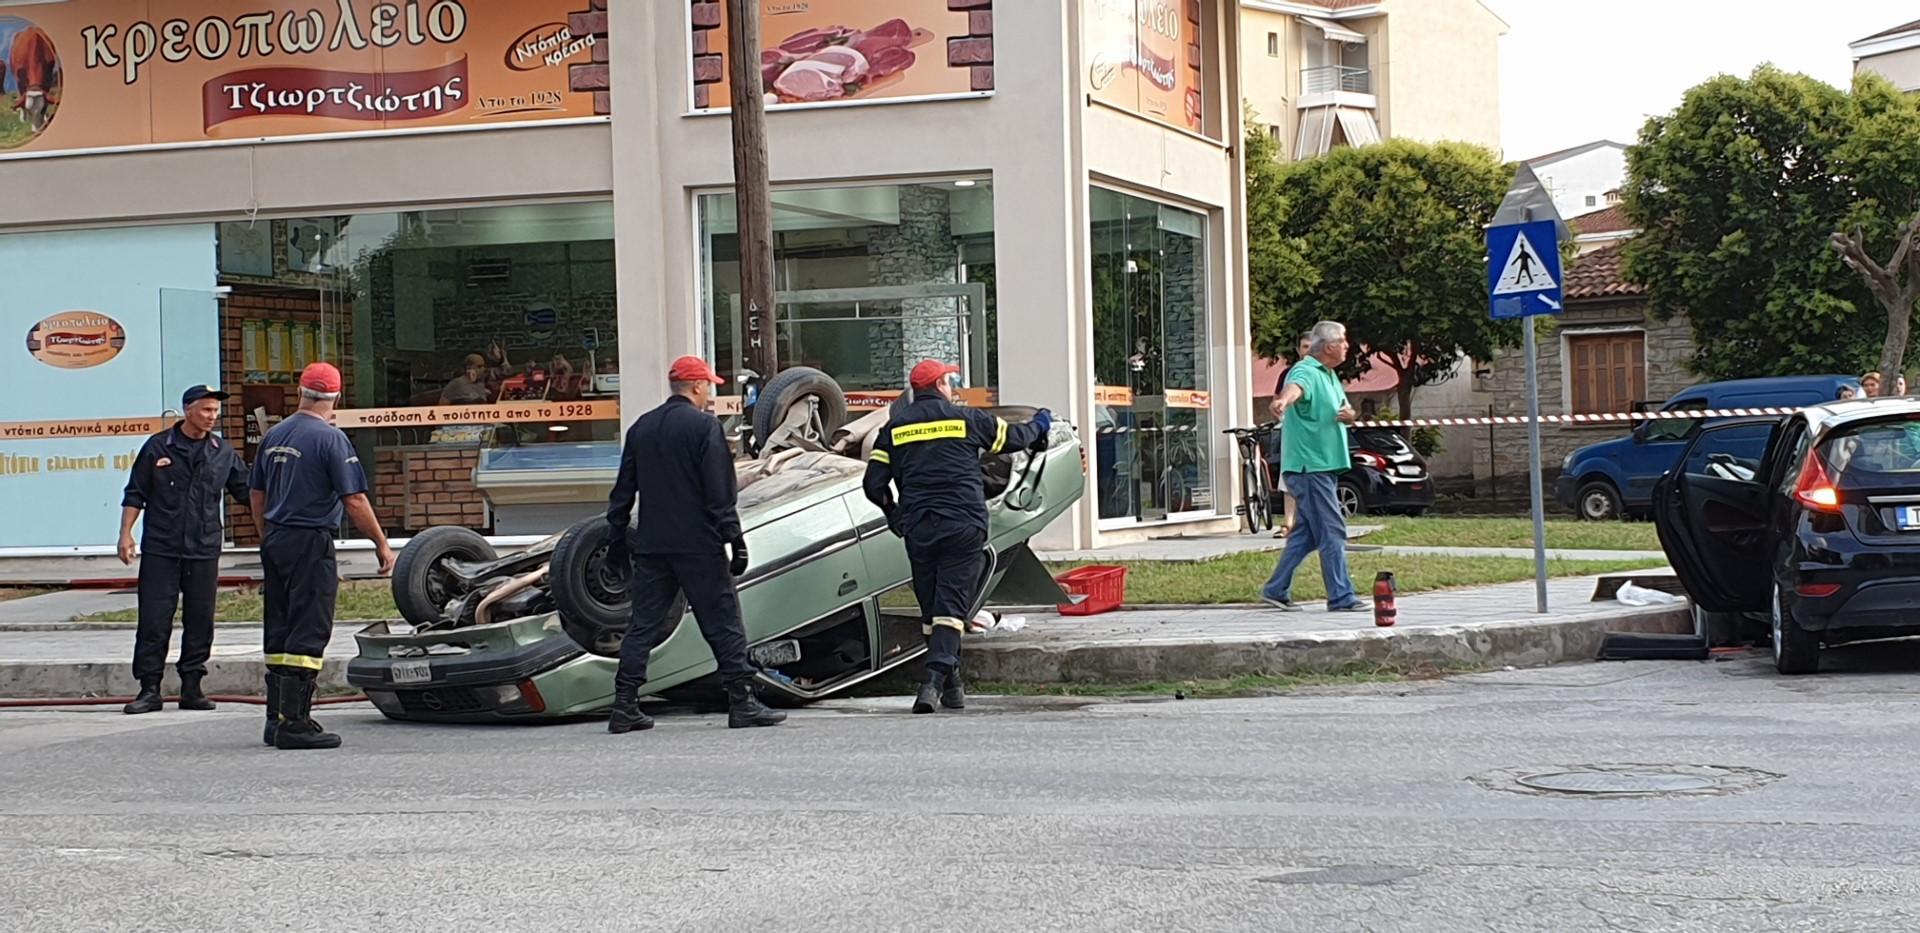 Σφοδρή σύγκρουση αυτοκινήτων στα Τρίκαλα - Αυτοκίνητο εκτοξεύτηκε στον αέρα